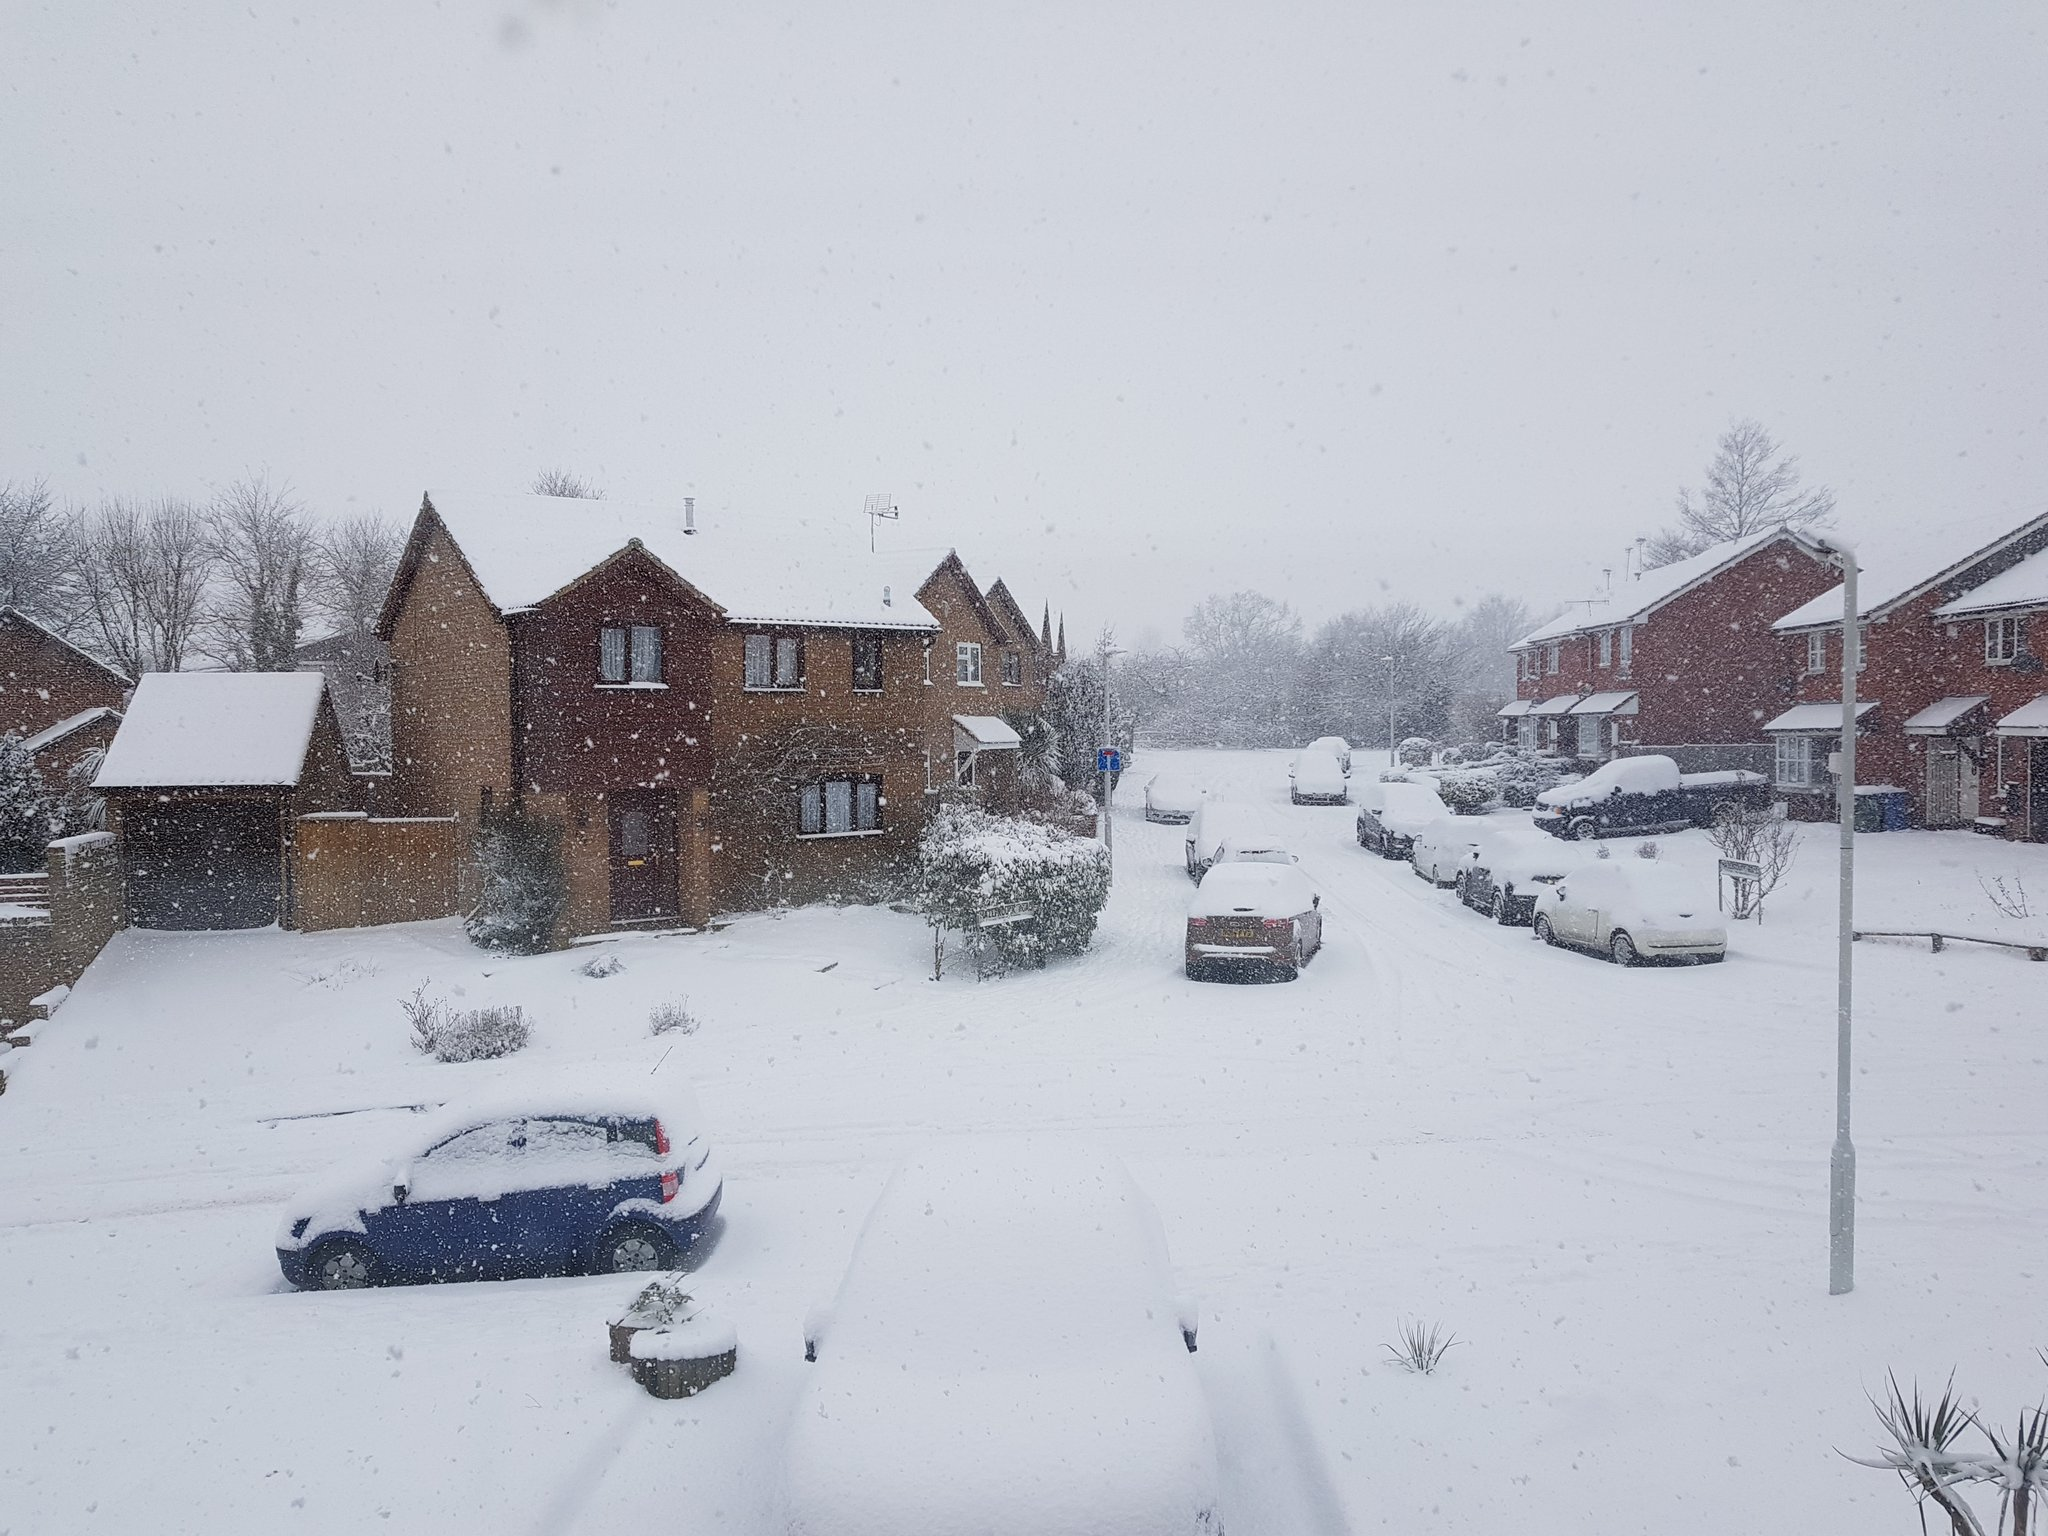 faversham-snow-28022018.jpg